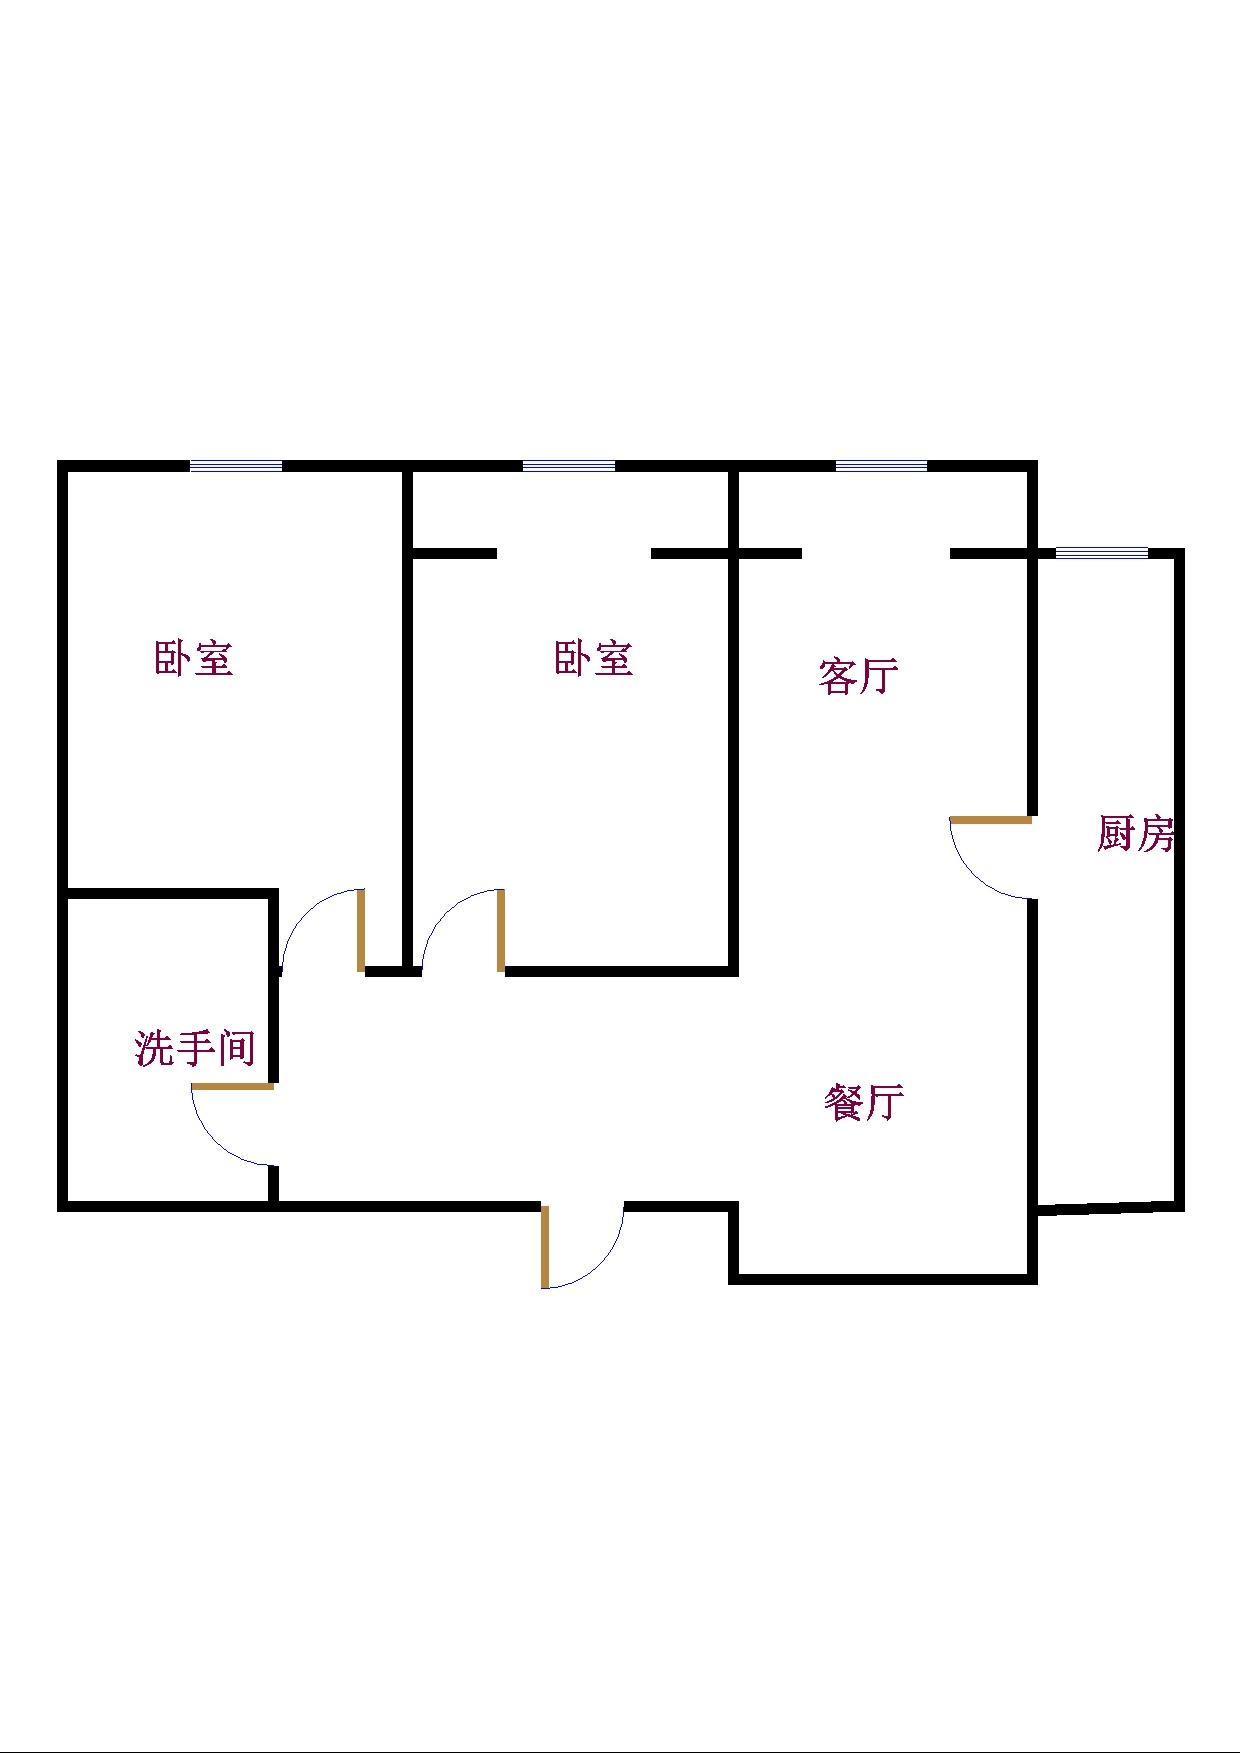 东海香港城 2室2厅 25楼